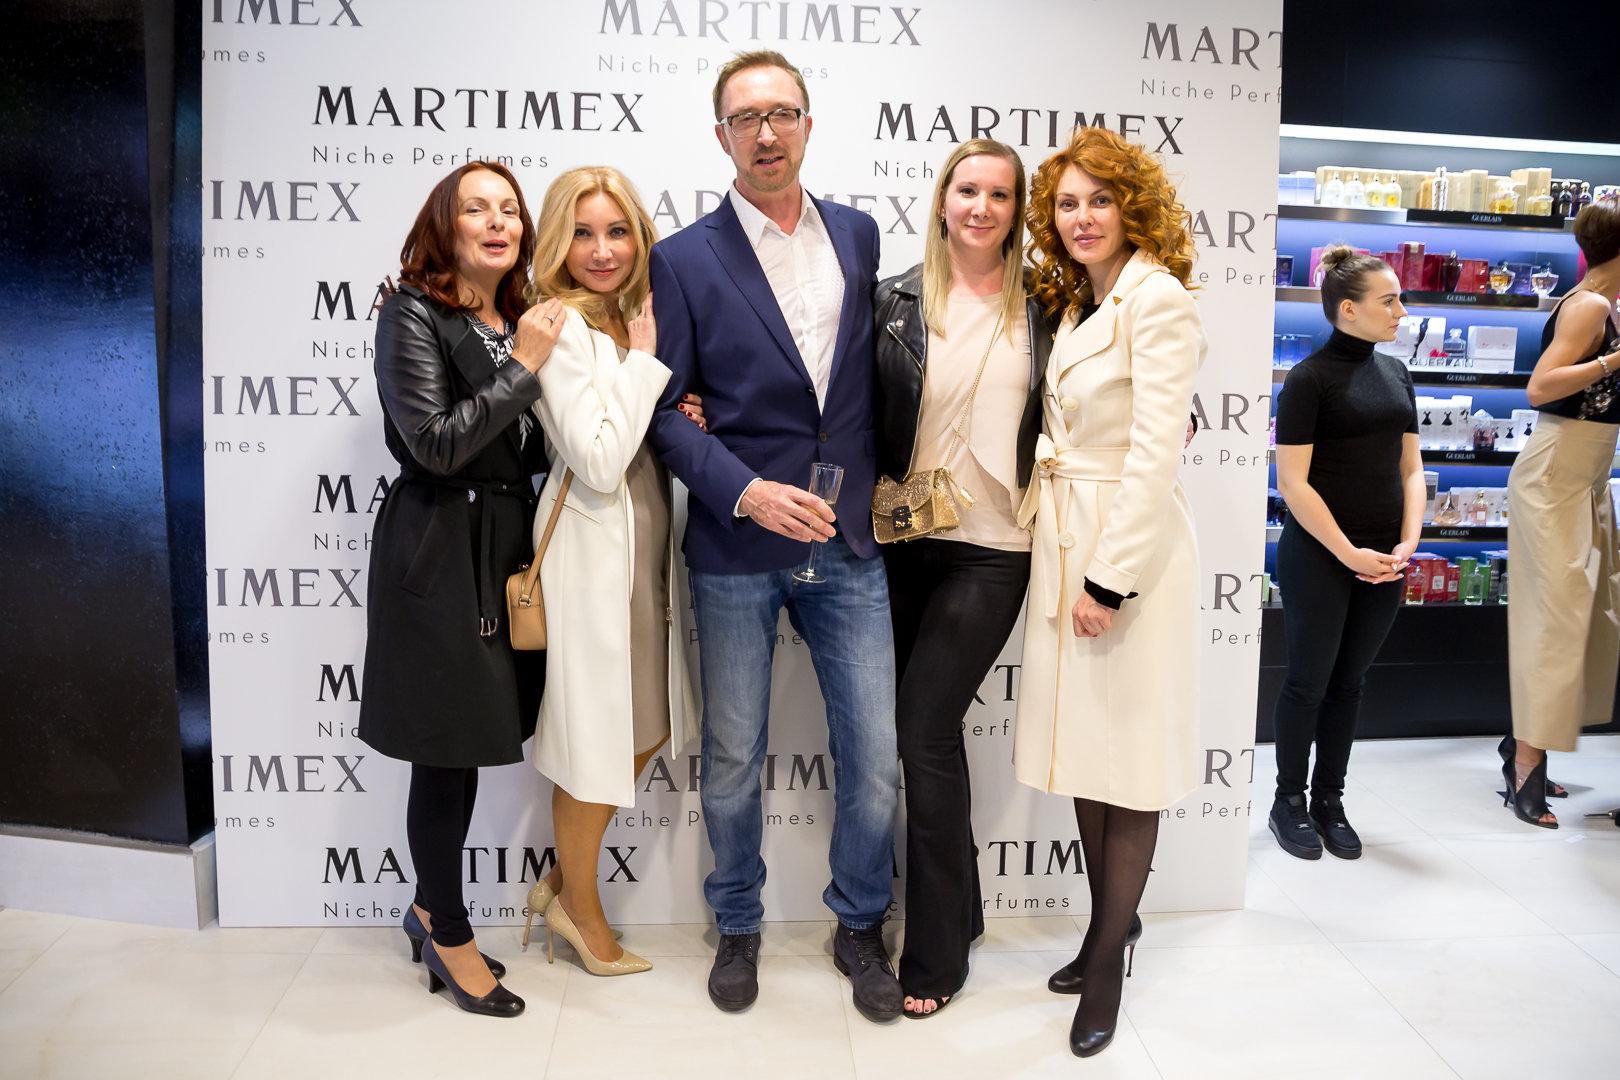 Pogledajte kako je bilo na predstavljanju niche brendova u preuređenoj parfumeriji Martimex